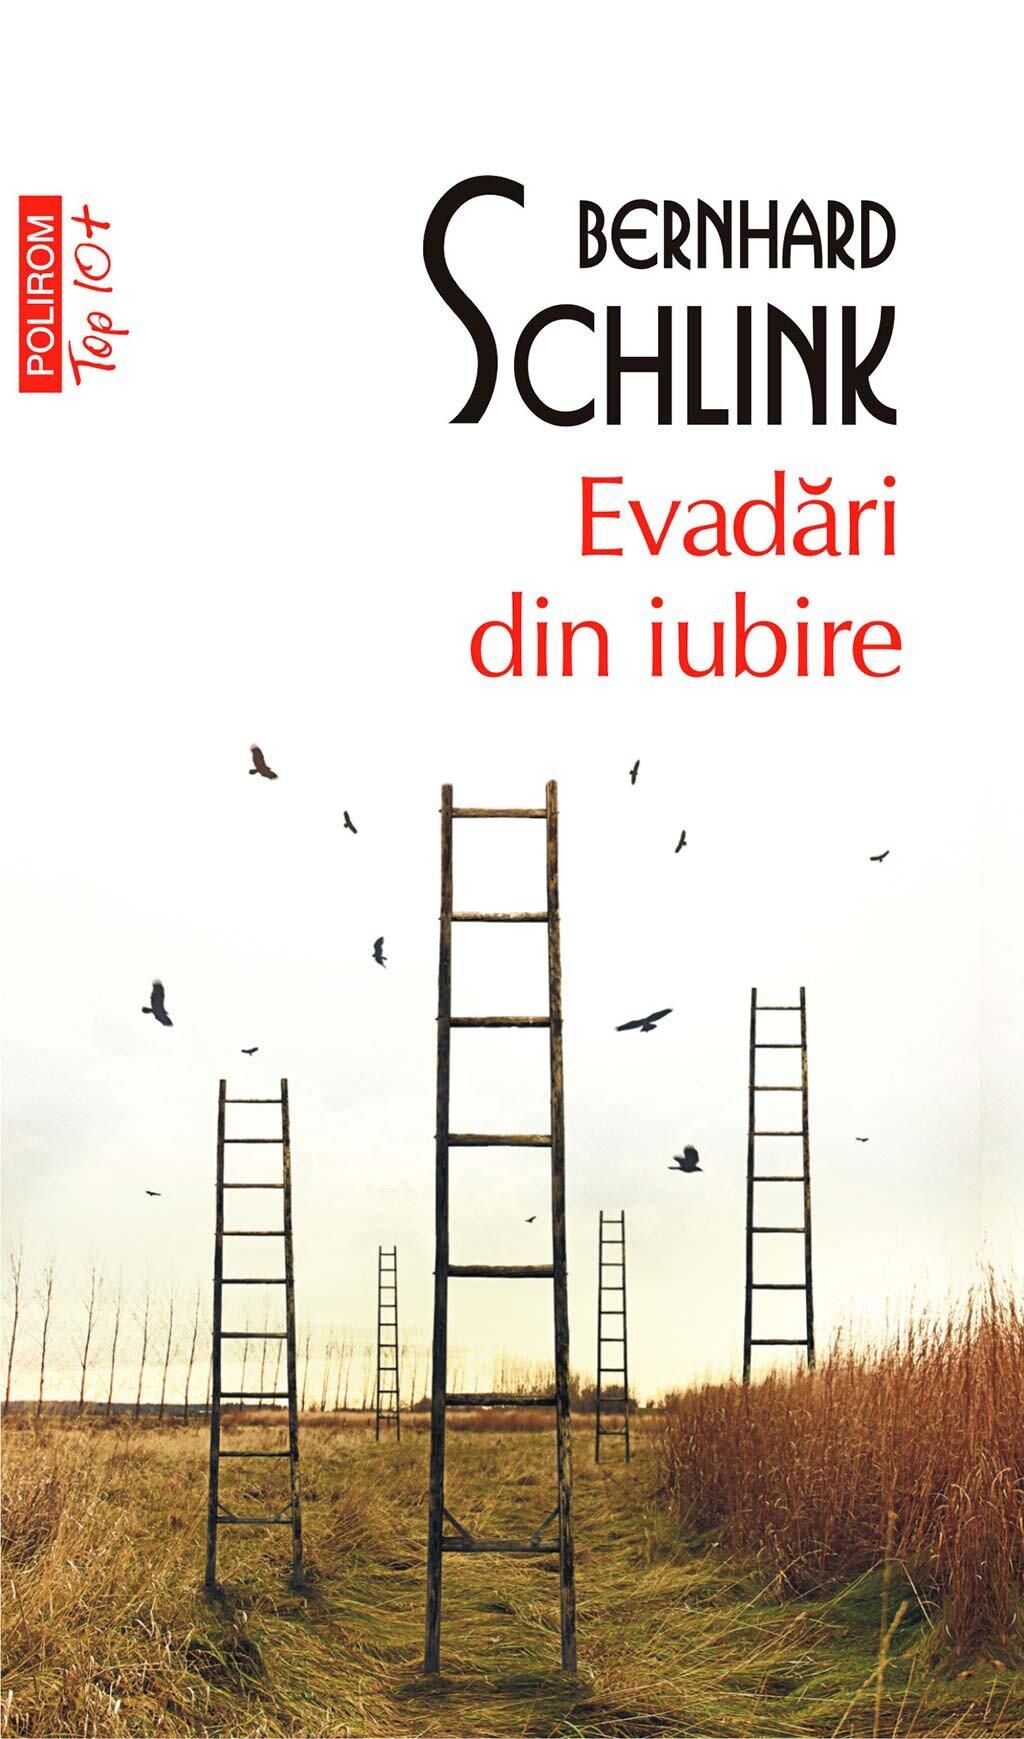 Evadari din iubire (eBook)